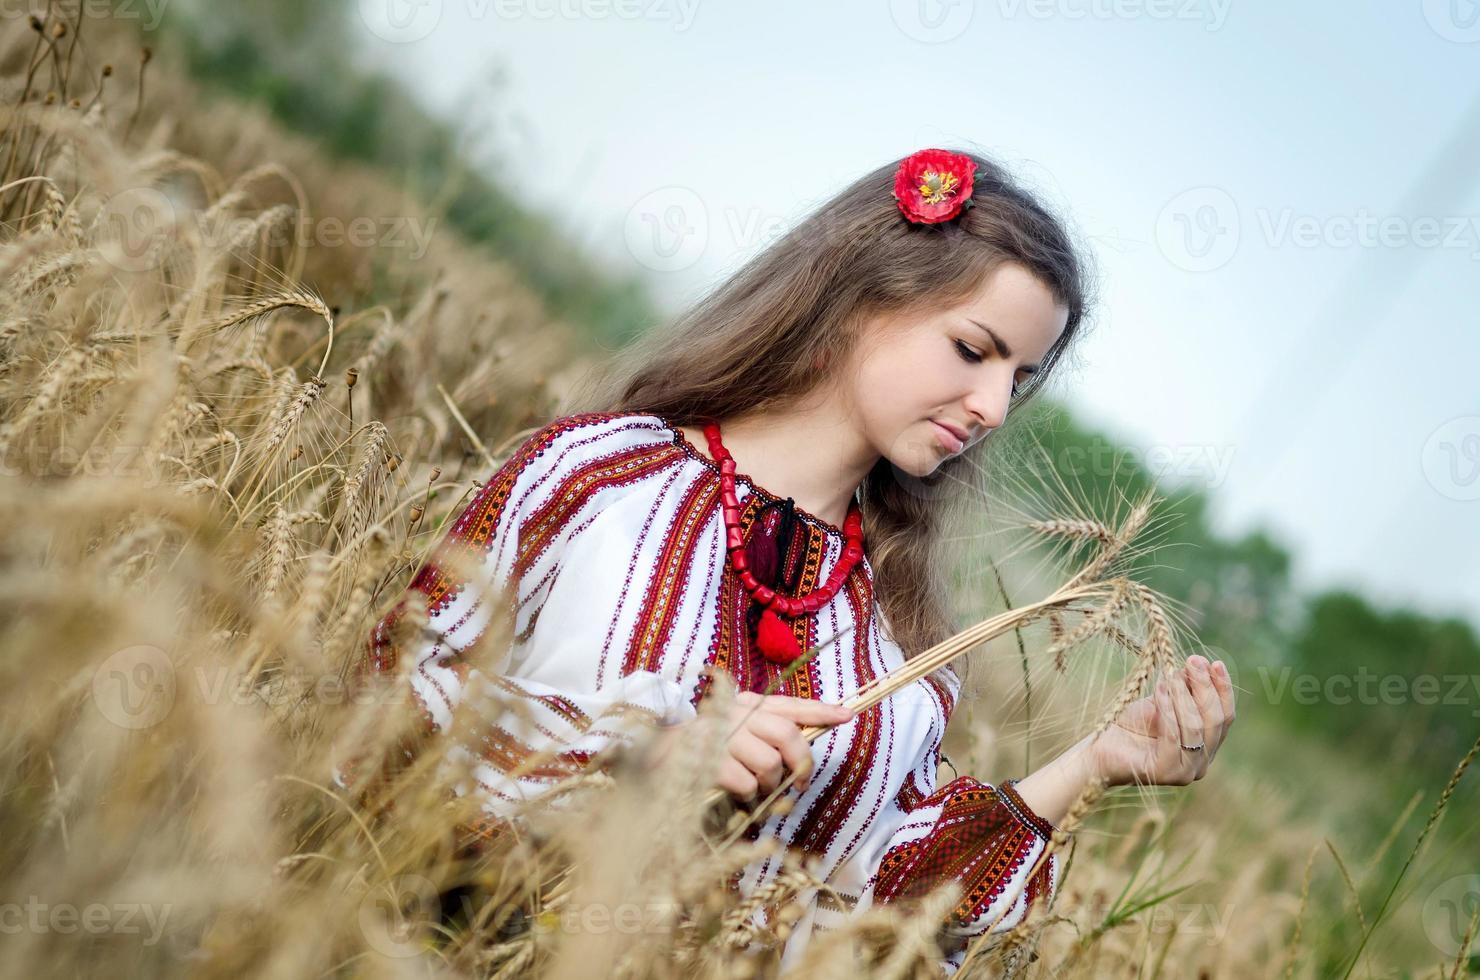 schönes Mädchen in nationalen ukrainischen Kleidern. Weizenfeld foto